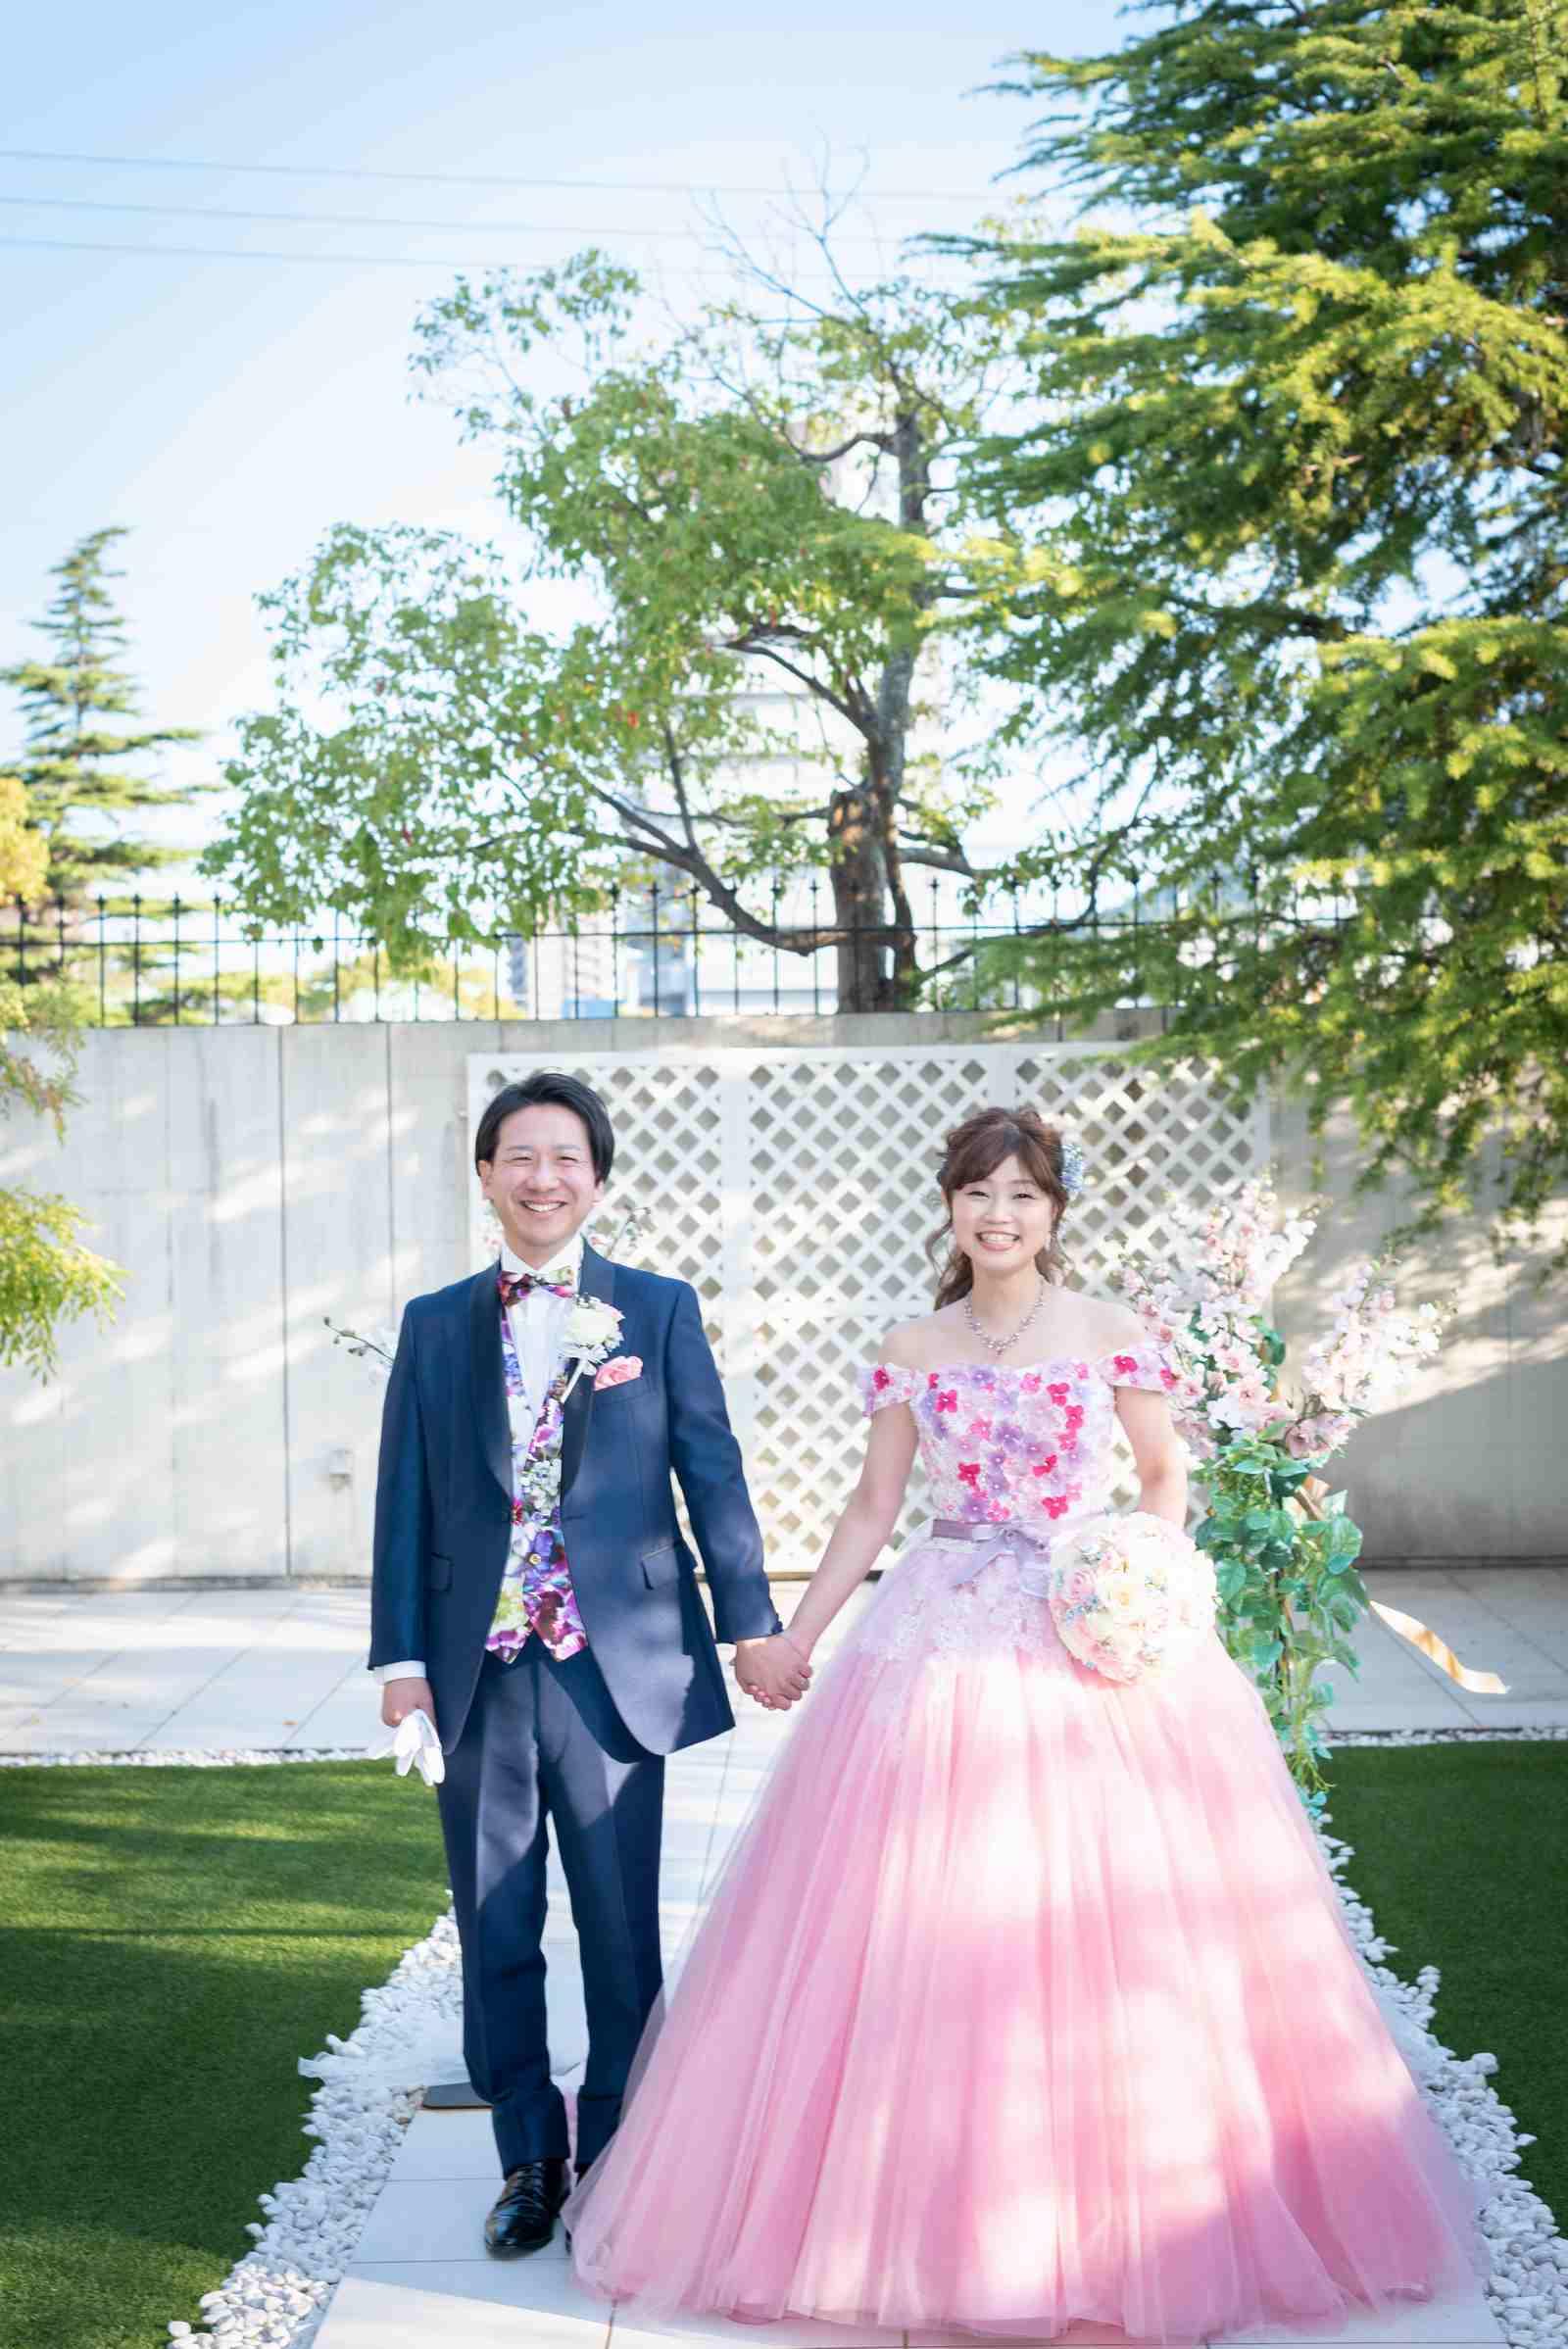 香川県の結婚式場のシェルエメール&アイスタイルのガーデン入場